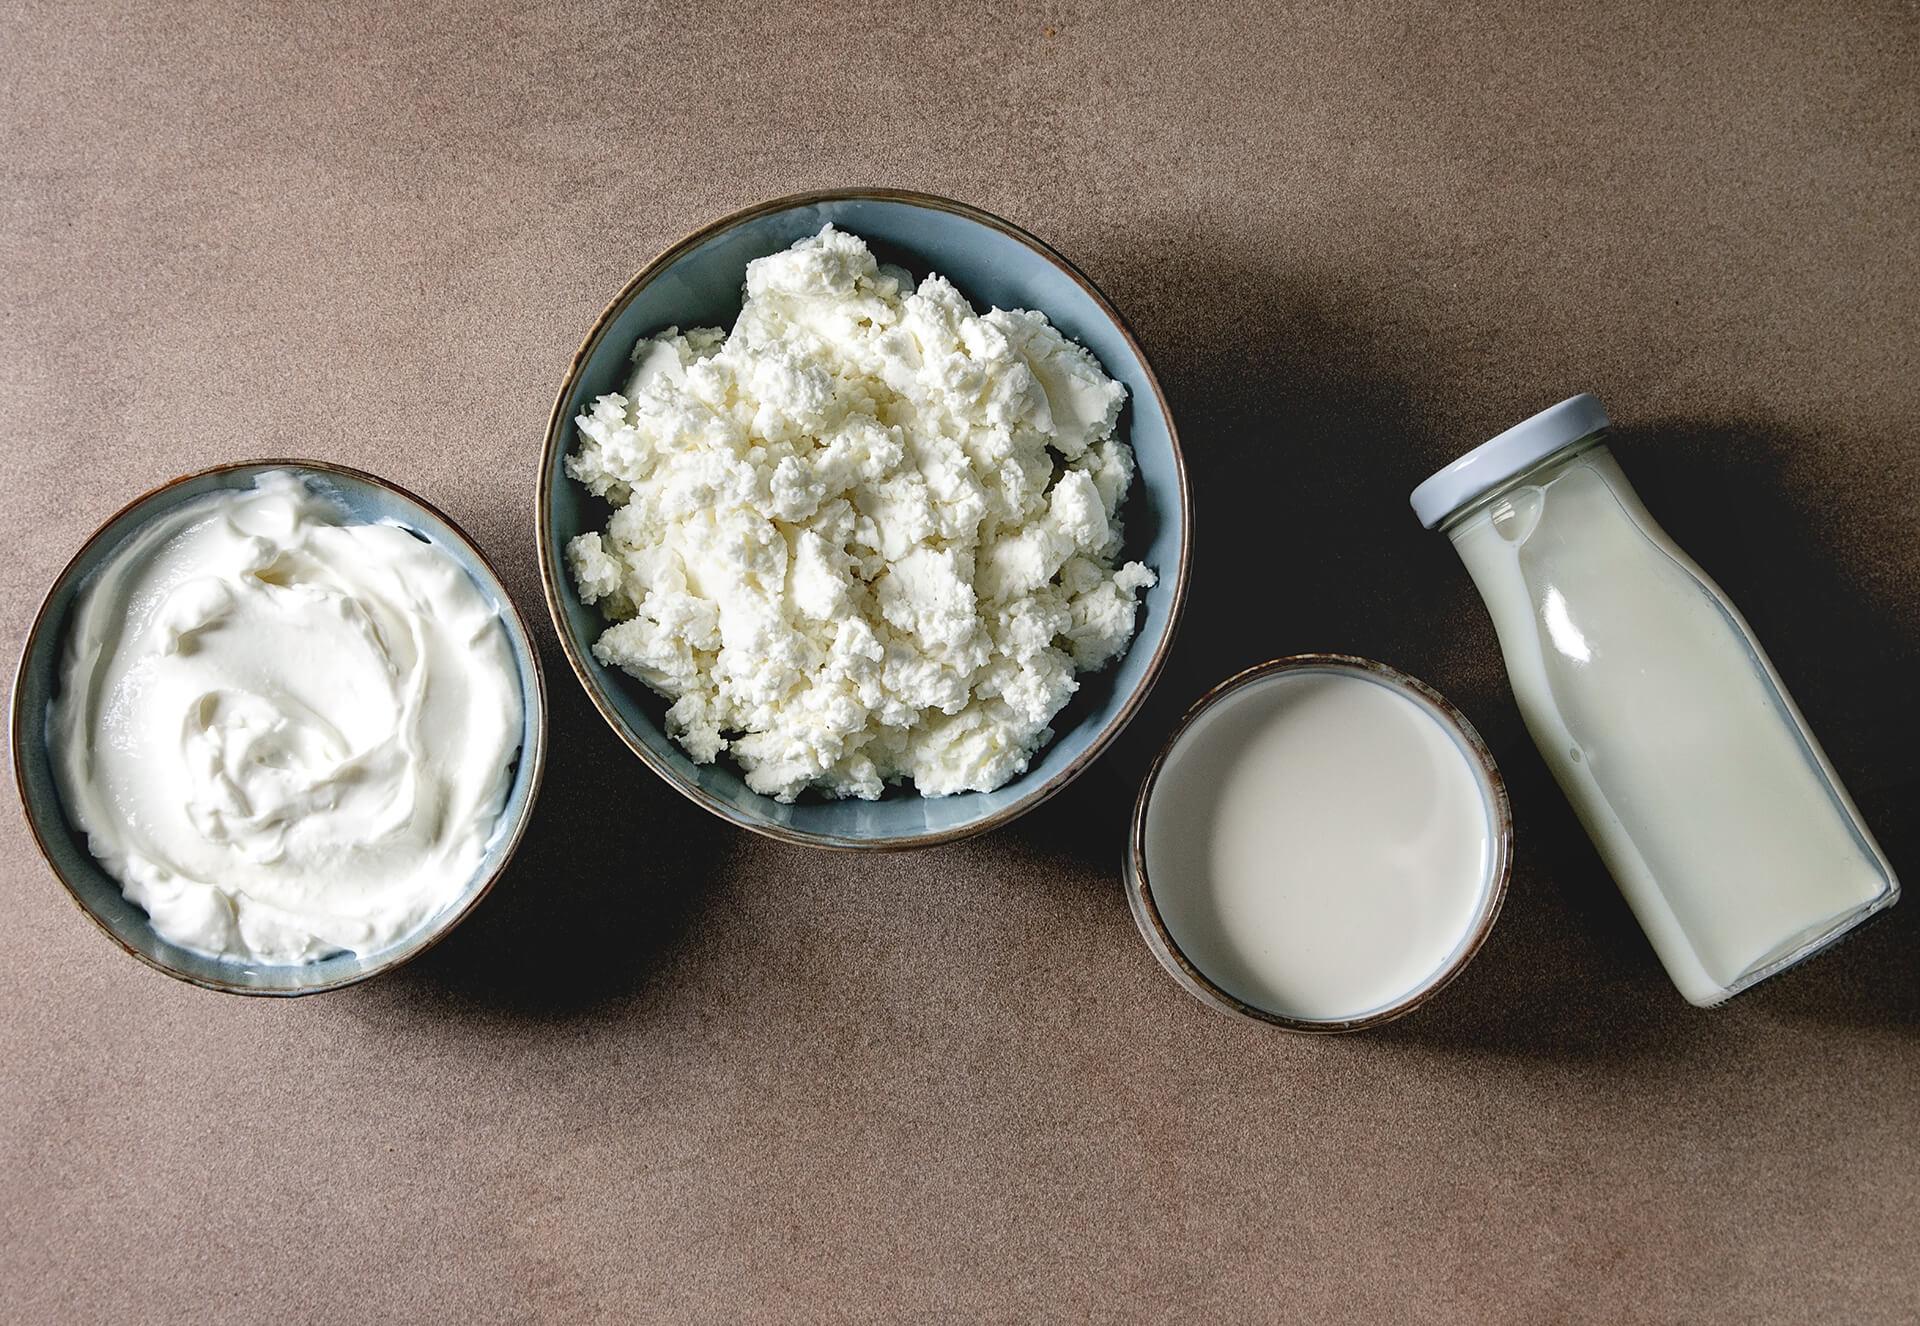 Prodotti caseari: latte, yogurt e mozzarella